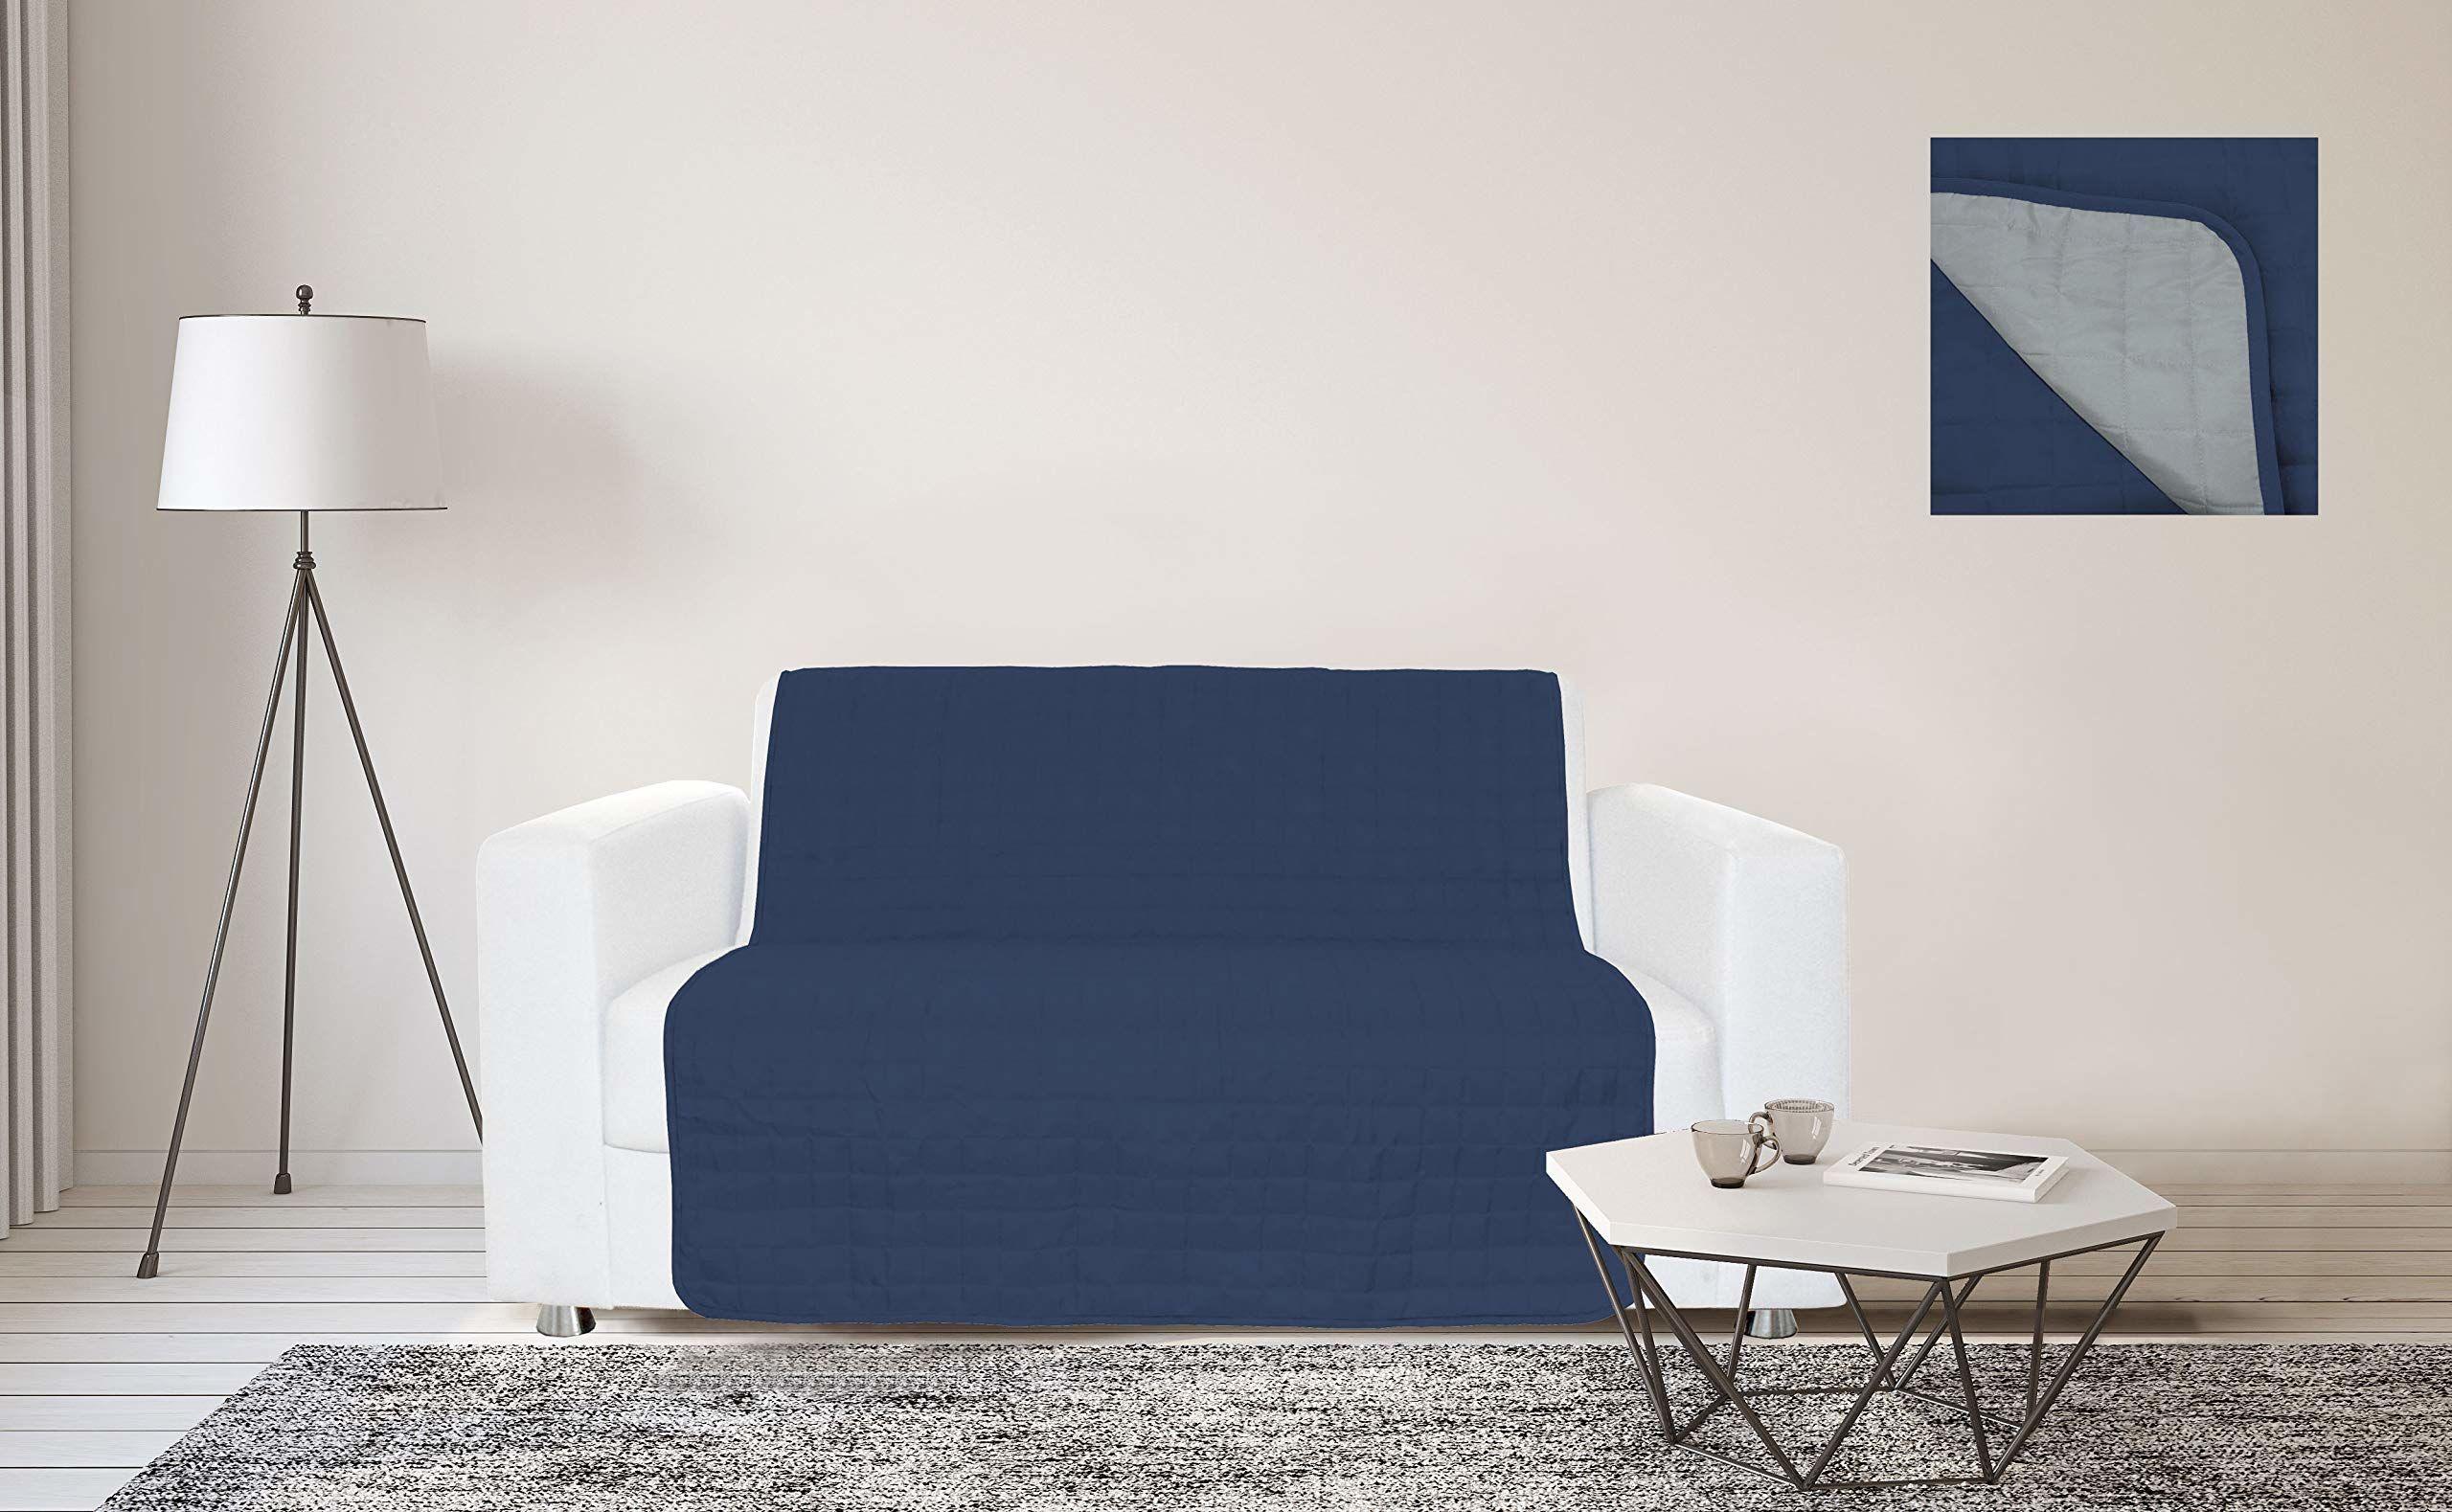 Sogni e Capricci Wodoodporny pasek na sofę, 175 x 190 cm, ciemnoniebieski/jasnoszary, 3 miejsca